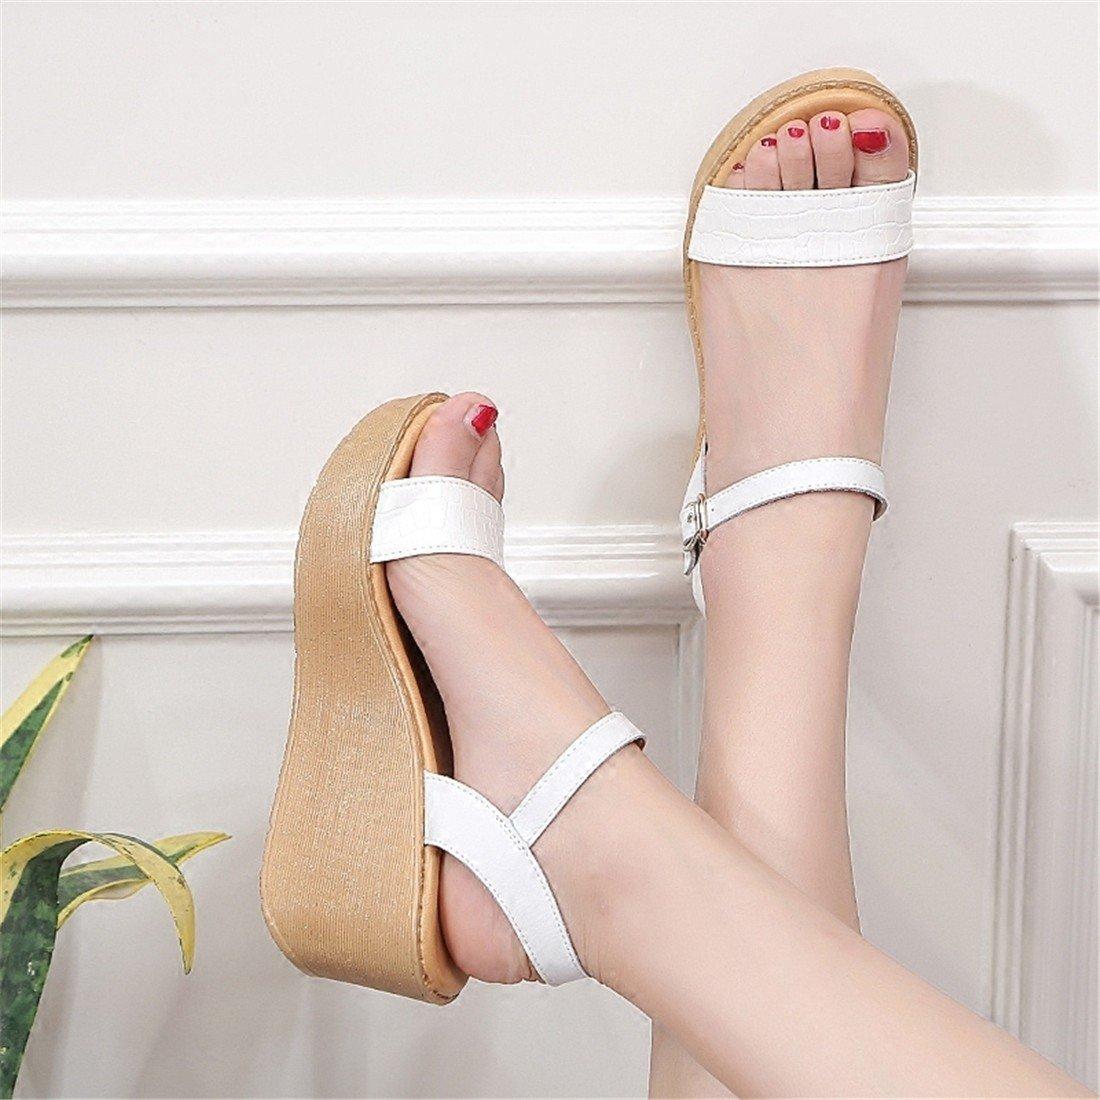 WXMDDN Sommer Damen Sandalen Einfache Heel Steigung Ferse High Heel Einfache Ein Wort Schnalle Hundertwasser Dicht Plateauschuhe Beige 9f3e97